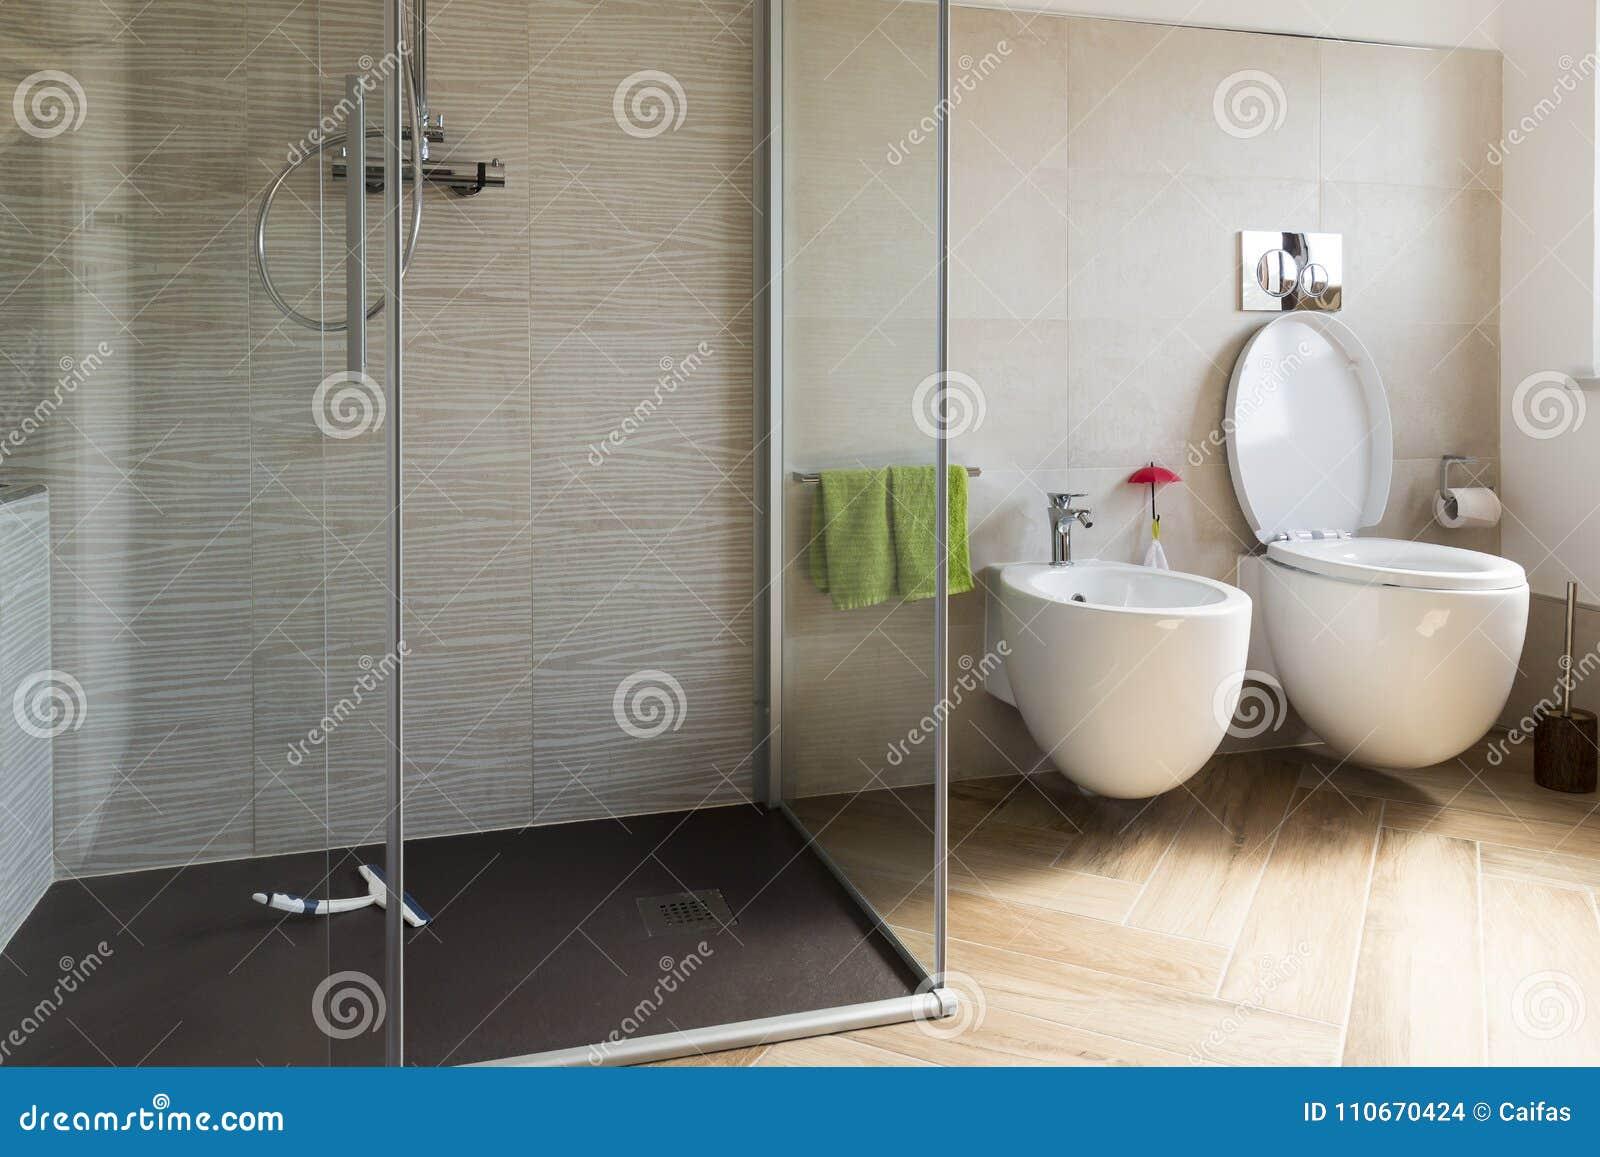 关闭净身盆和wc在卫生间里